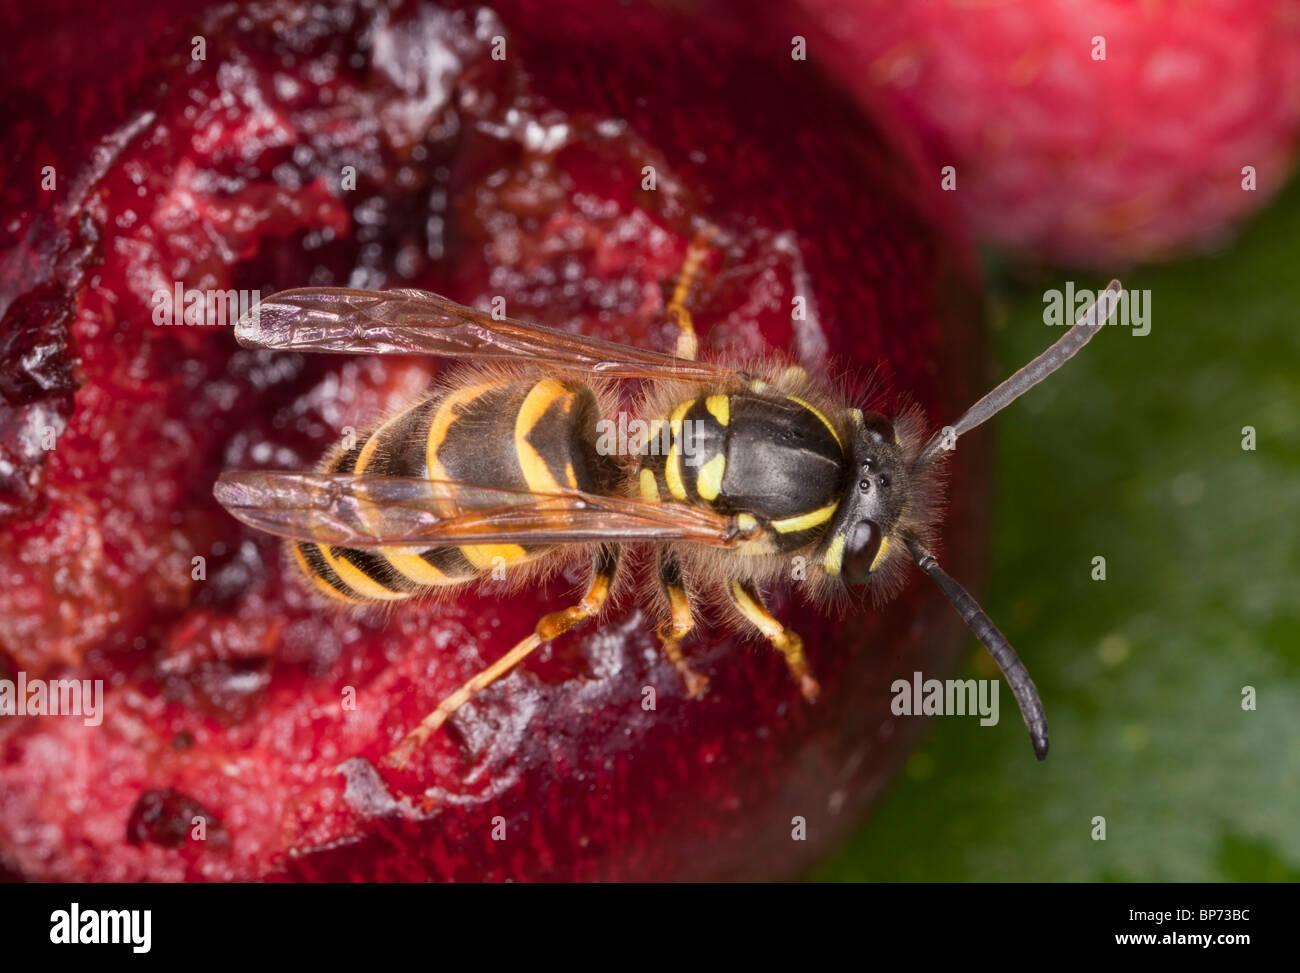 Common Wasp, Vespula vulgaris, feeding on fallen fruit, early autumn. Dorset. - Stock Image